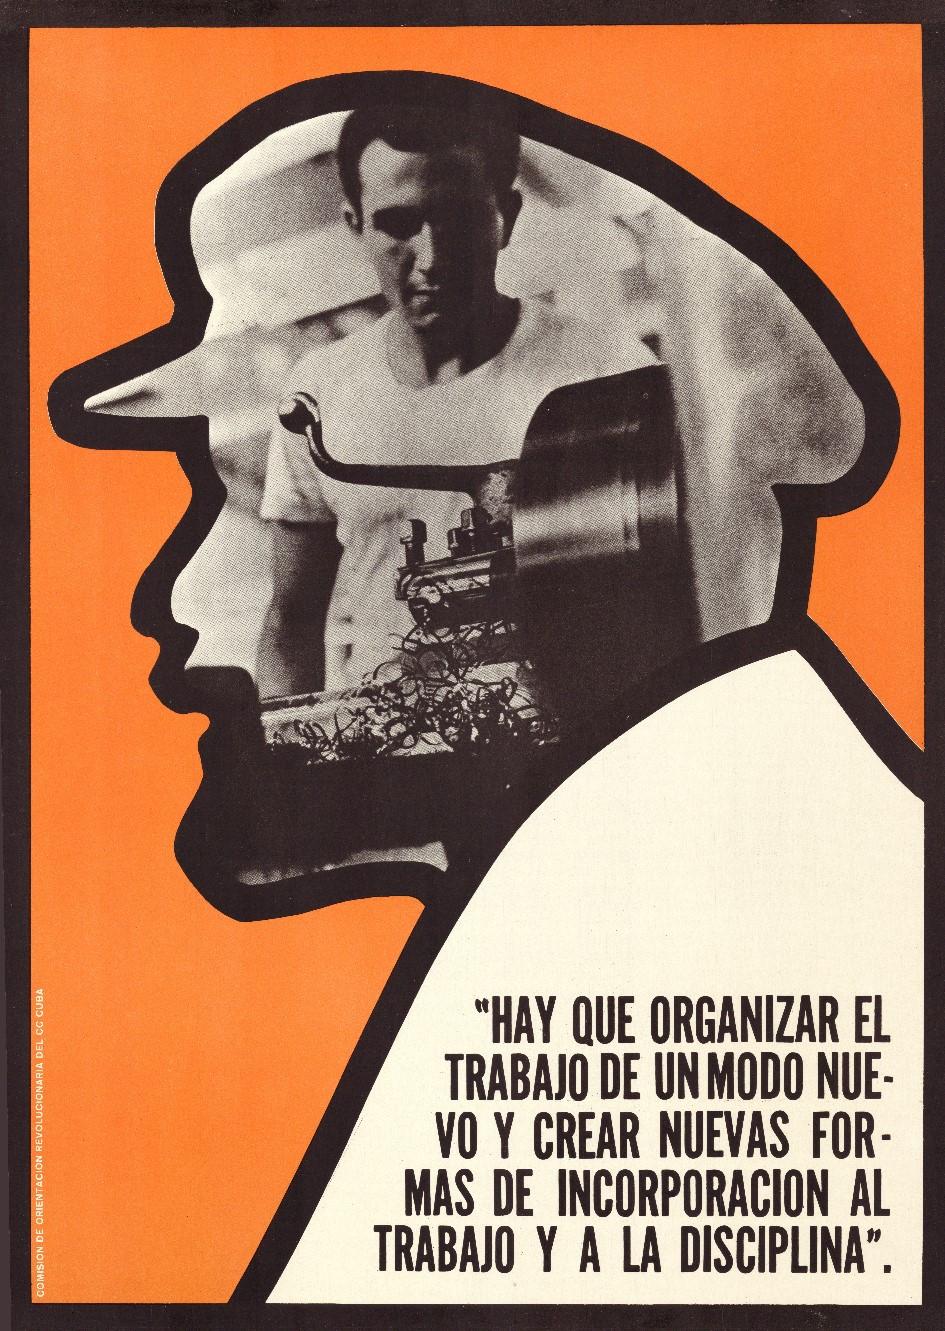 Jesús Forjans, Hay que organizar el trabajo de un modo nuevo y crear nuevas formas de incorporacion al trabajo y al a disciplina, 1970. Collectie Stedelijk Museum Amsterdam